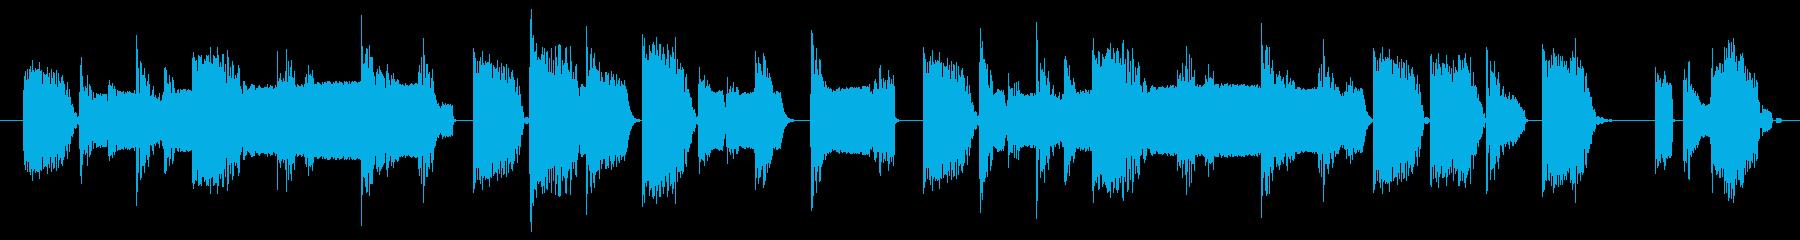 【ループ】ロボット/ゲーム/リザルトの再生済みの波形